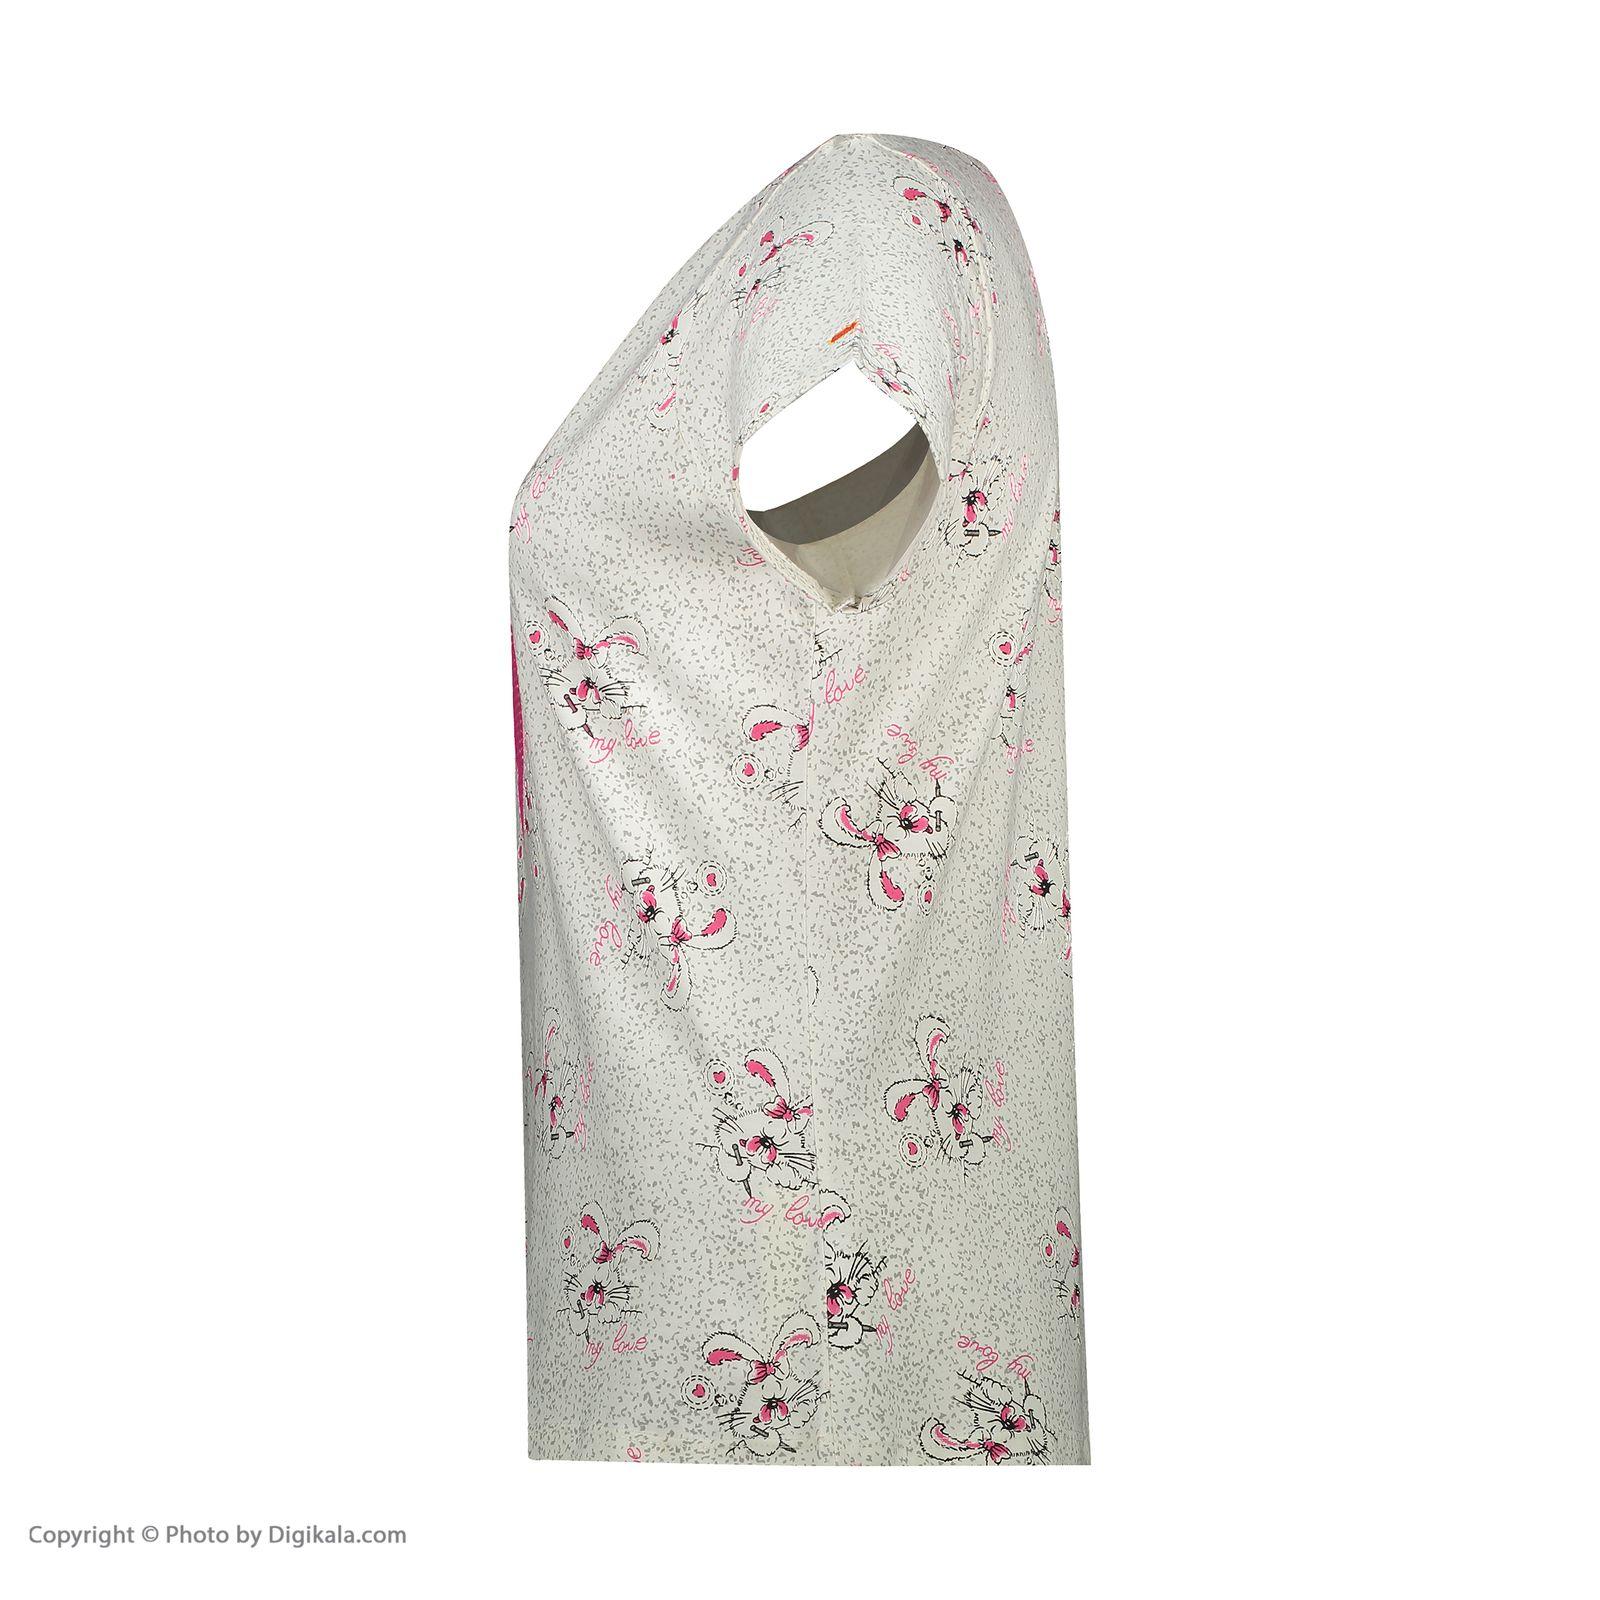 ست تی شرت و شلوارک راحتی زنانه مادر مدل 2041105-66 -  - 7